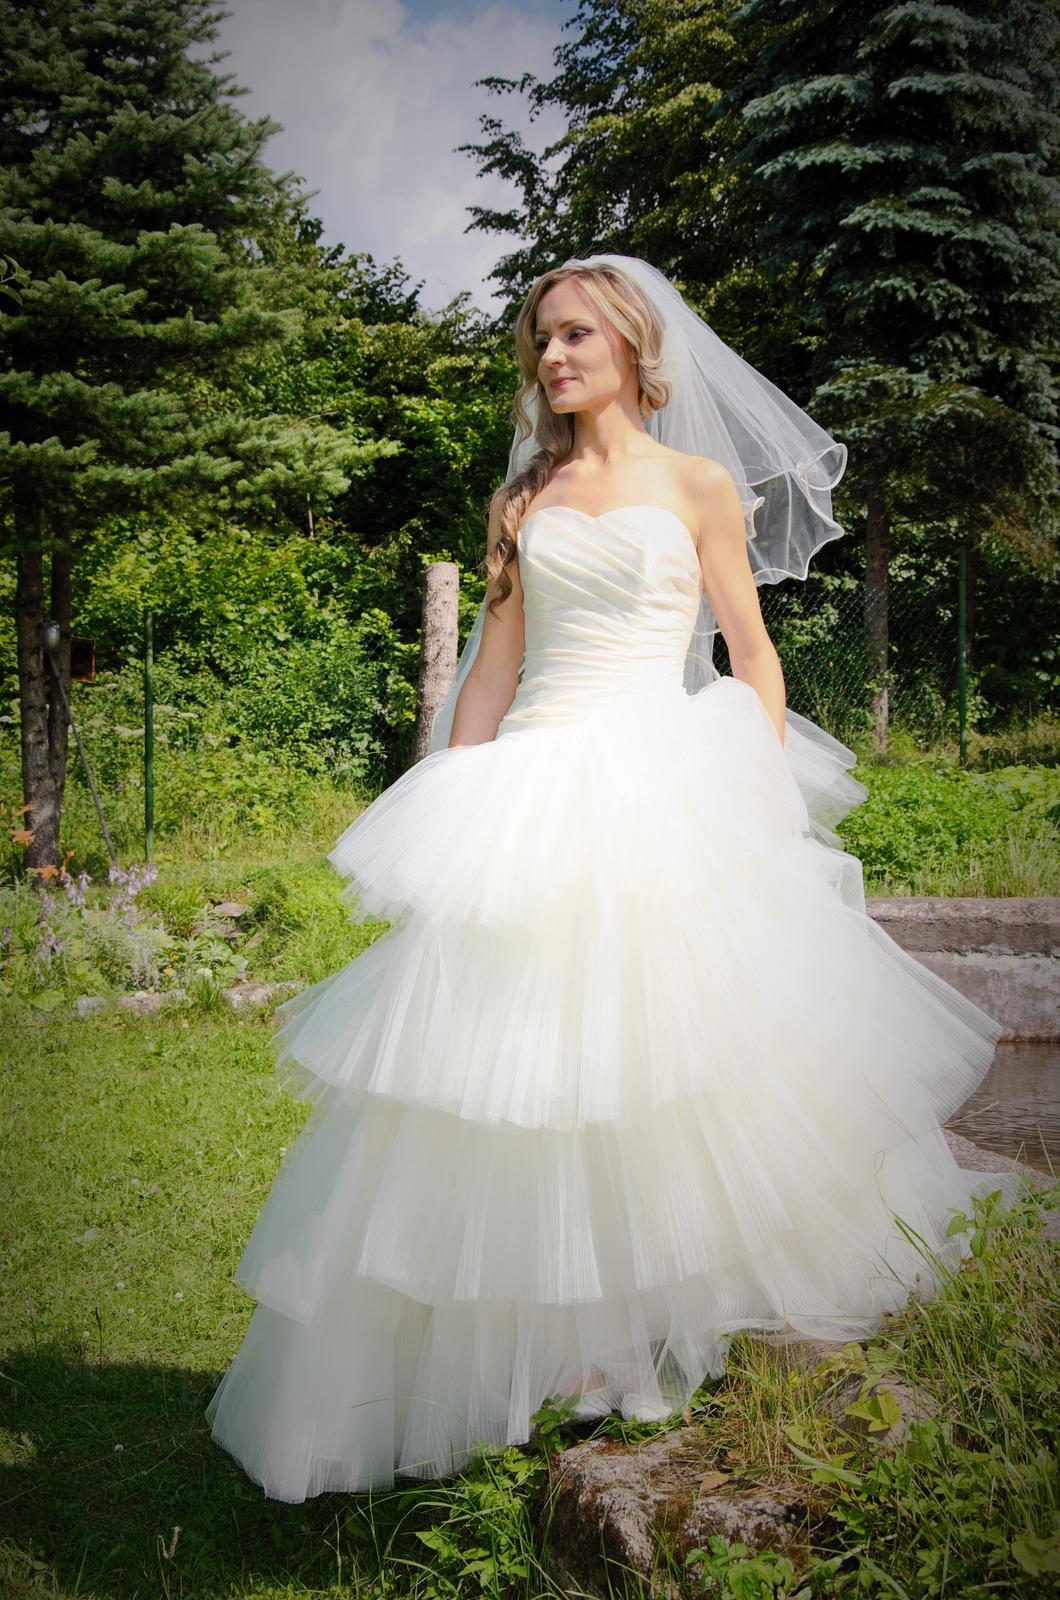 Svadobne šaty-modern wedding tulle dress - Obrázok č. 1